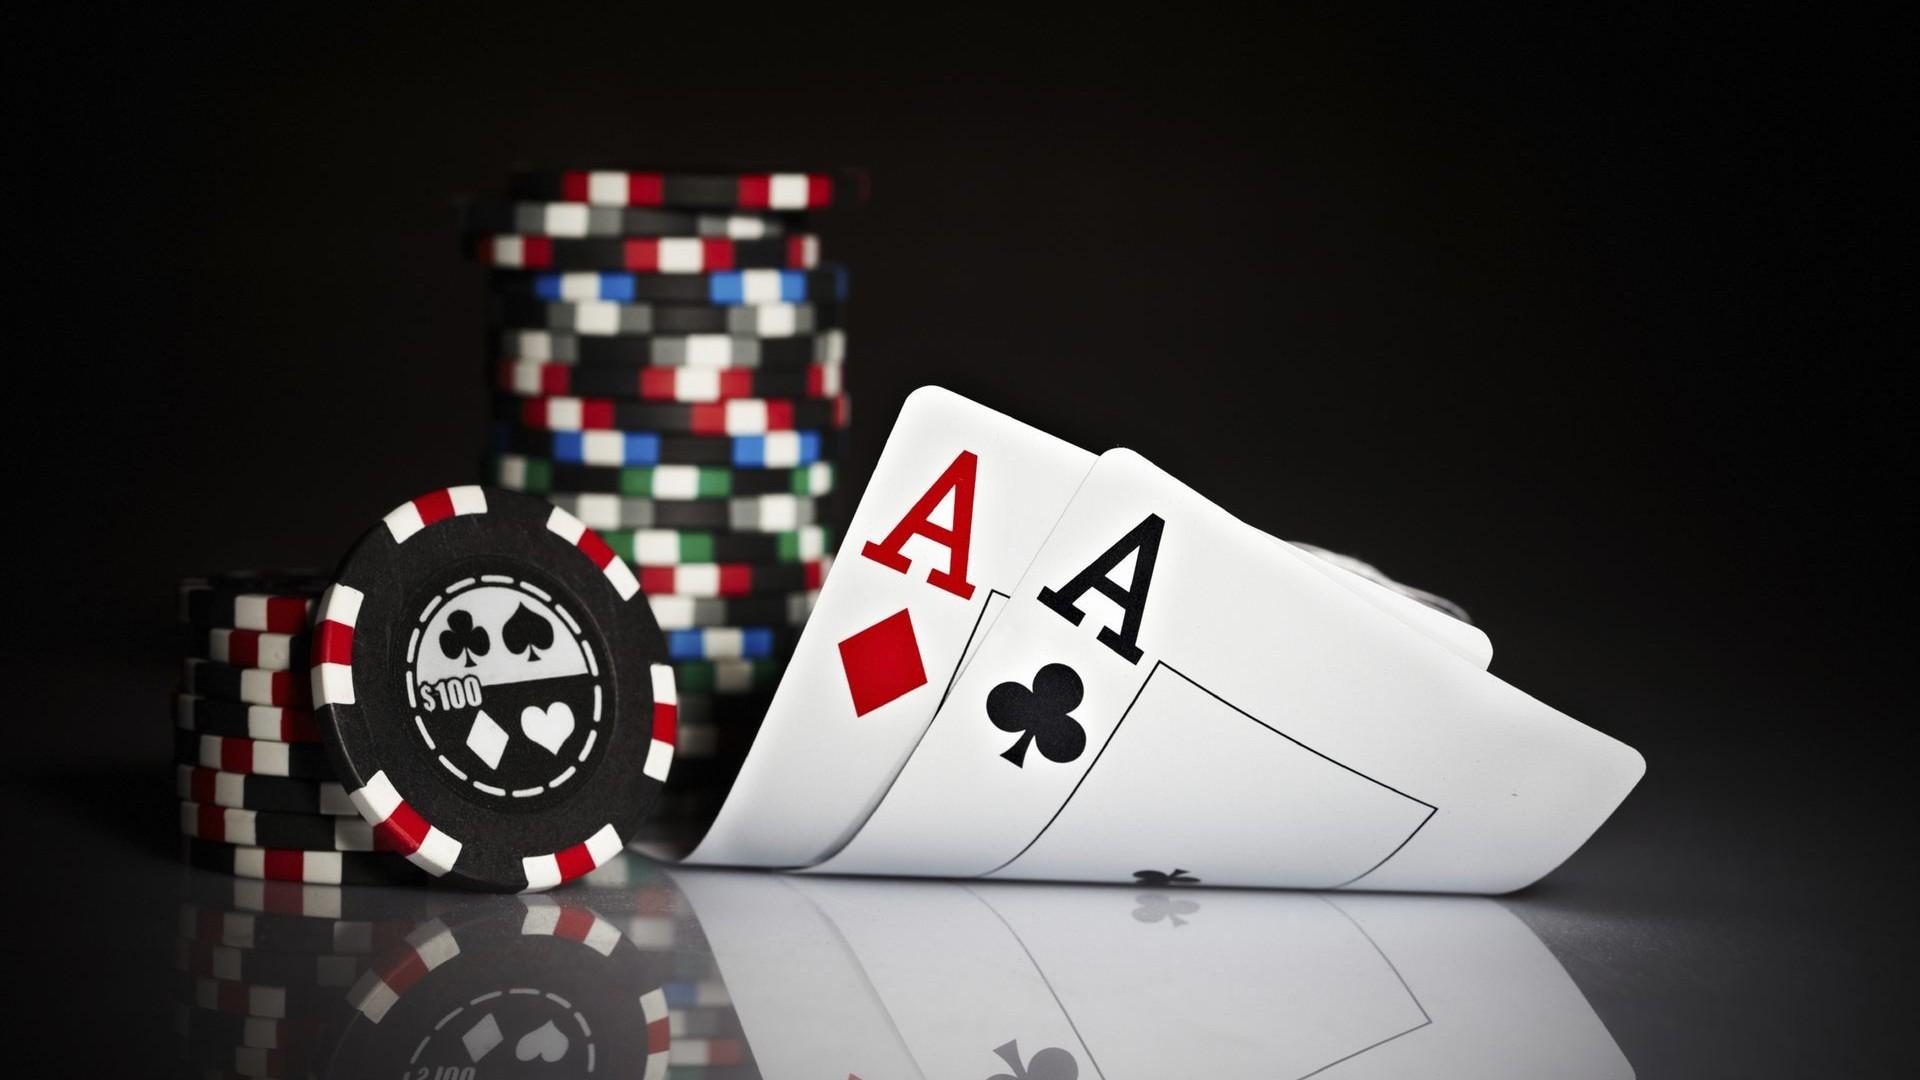 Poker full hd 1080p wallpaper